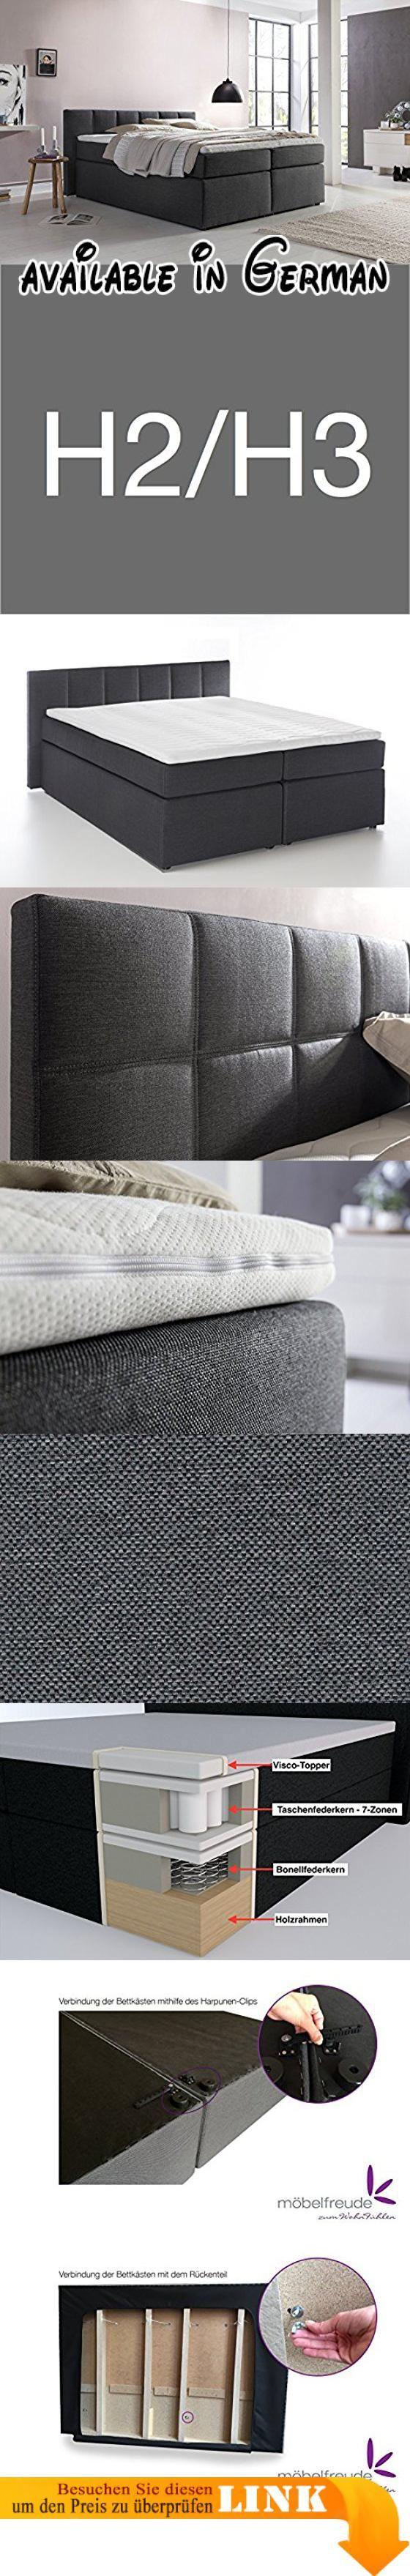 B01N680N6V : Boxspringbett Valina 220x200cm Anthrazit H2/H3 inkl. Lieferung ins Schlafzimmer & Visco-Topper Taschenfederkern-Matratze ideal für Dachschrägen amerikanisches Bett Hotelbett Polsterbett Doppelbett. Kopfteil mit 90cm Höhe speziell für Dachschrägen // Hochwertiges Luxus-Bett // Schlafen wie im amerikanischen premium Hotelbett // Wir haben auch hochwertige und extra passende Spannbettlaken für unsere Topper & Boxspringbetten! Wir liefern kostenlos in Ihr